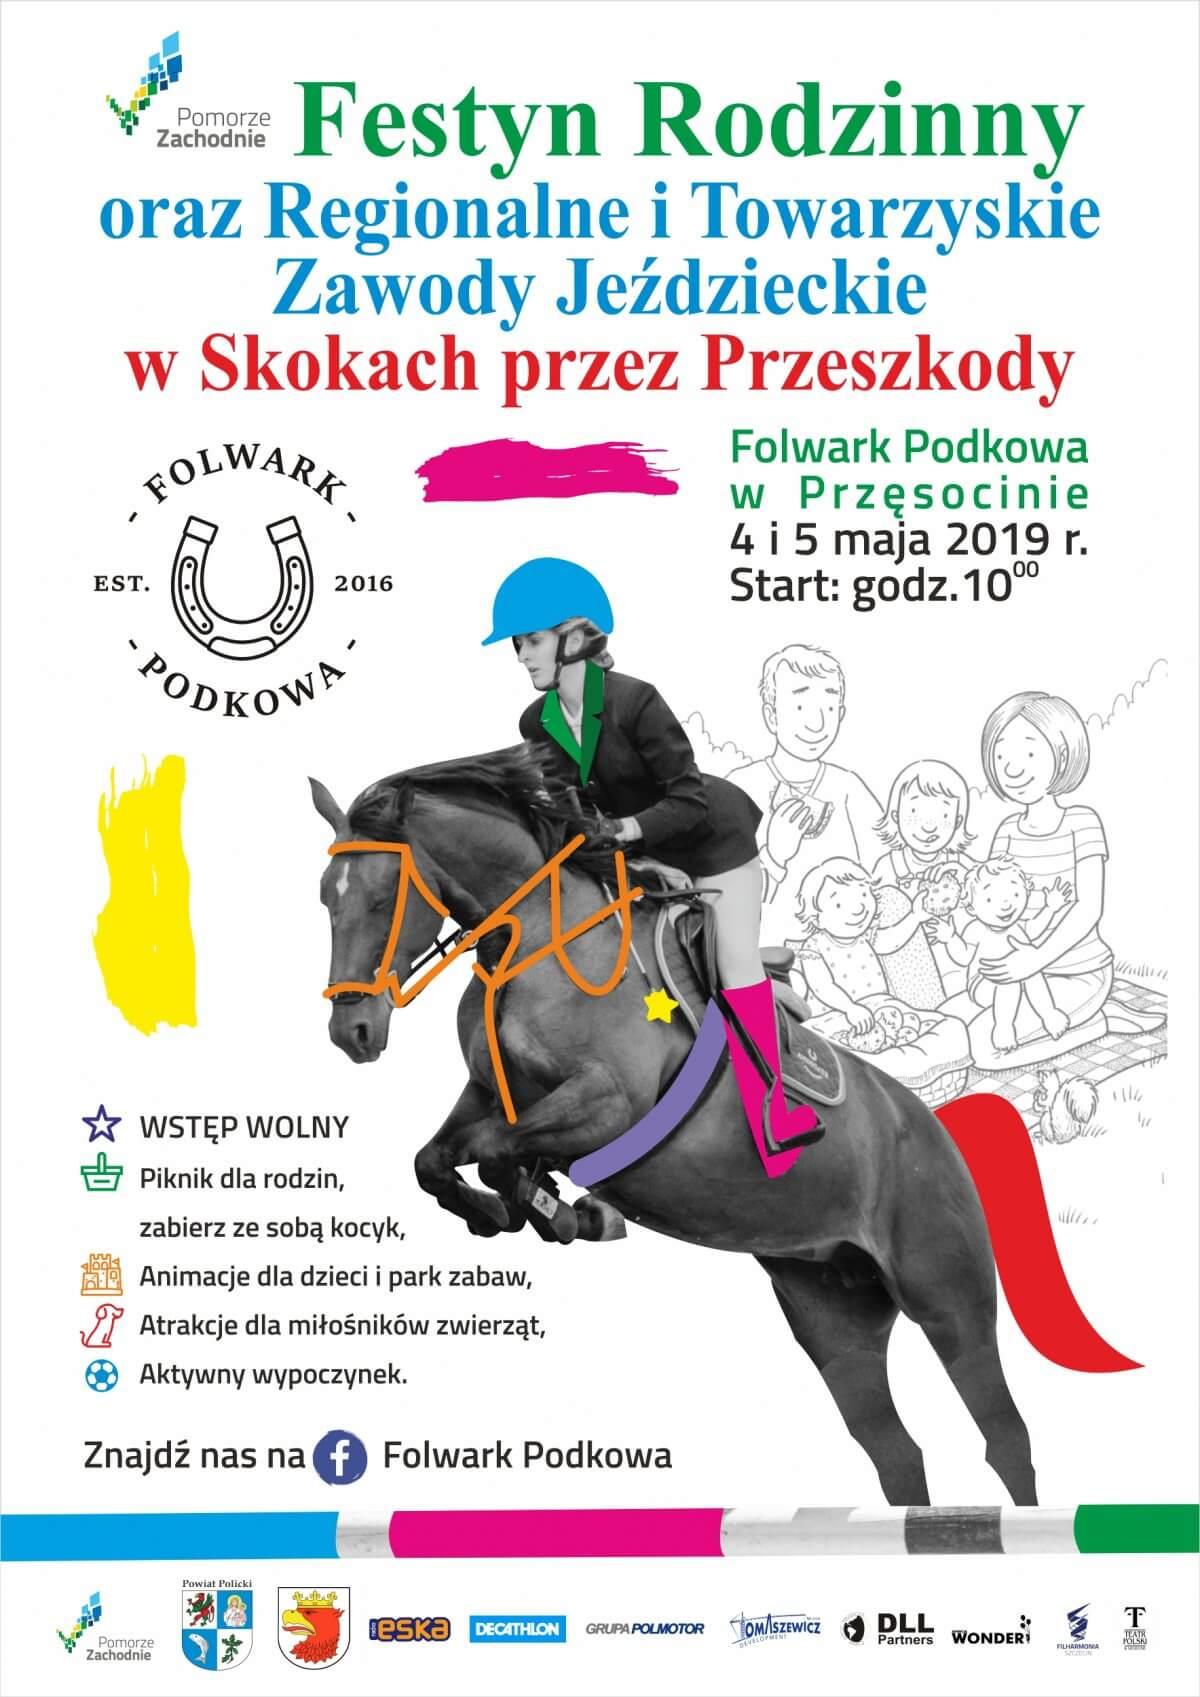 6d935c3c3f9da Zapraszamy na Festyn Rodzinny oraz Regionalne Towarzyskie Zawody Jeździeckie  w Skokach przez Przeszkody